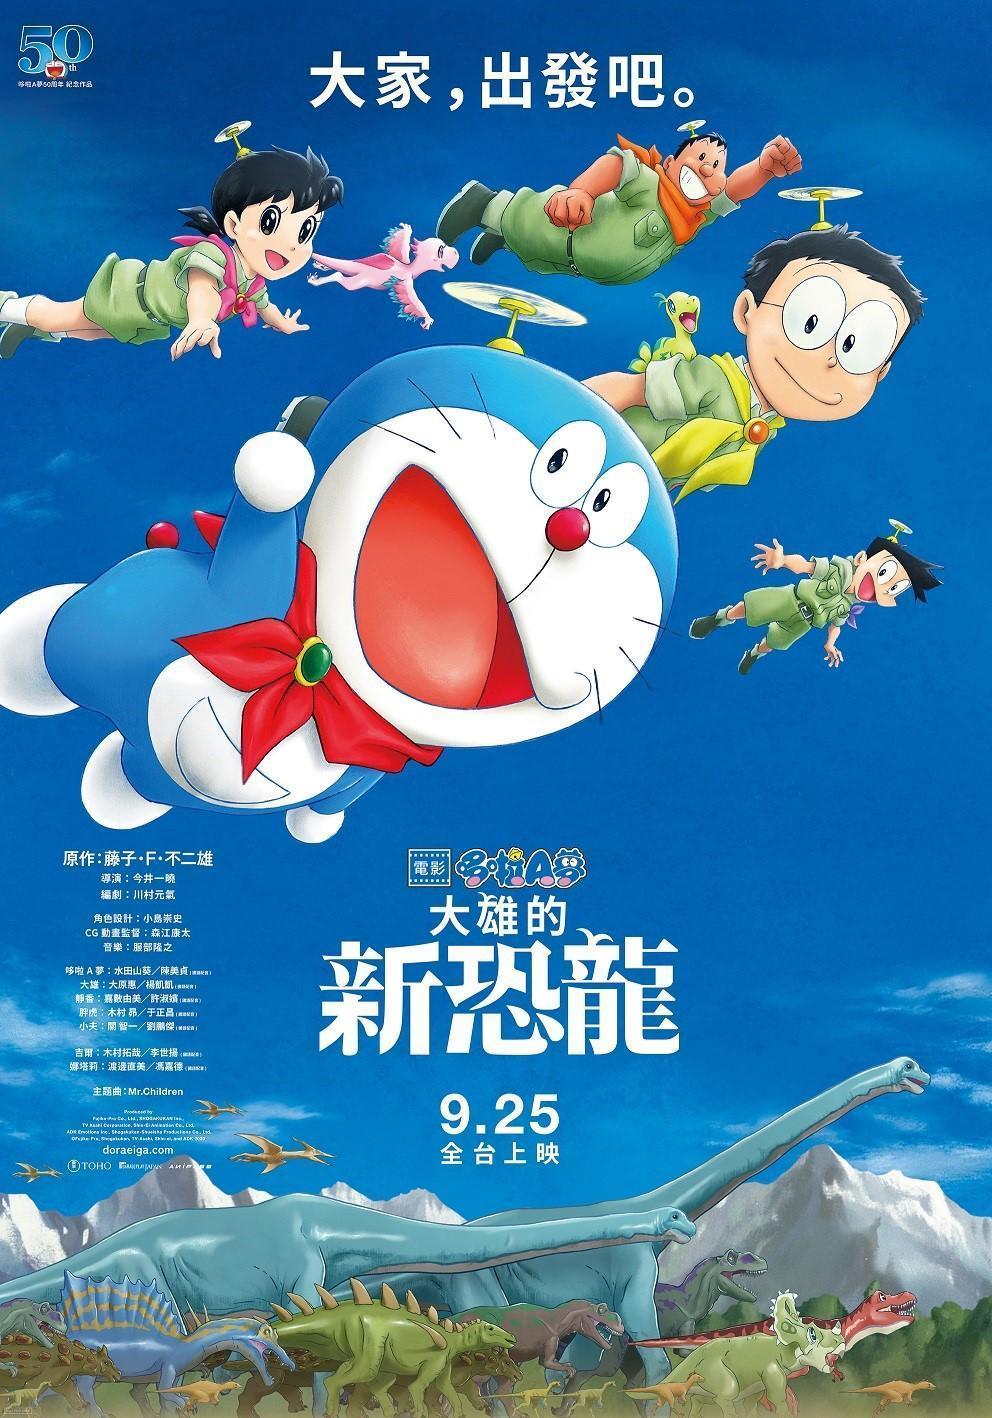 《電影哆啦A夢: 大雄的新恐龍》受到疫情影響日本檔期也延後,台灣則預計本月25日上映。(車庫娛樂提供)